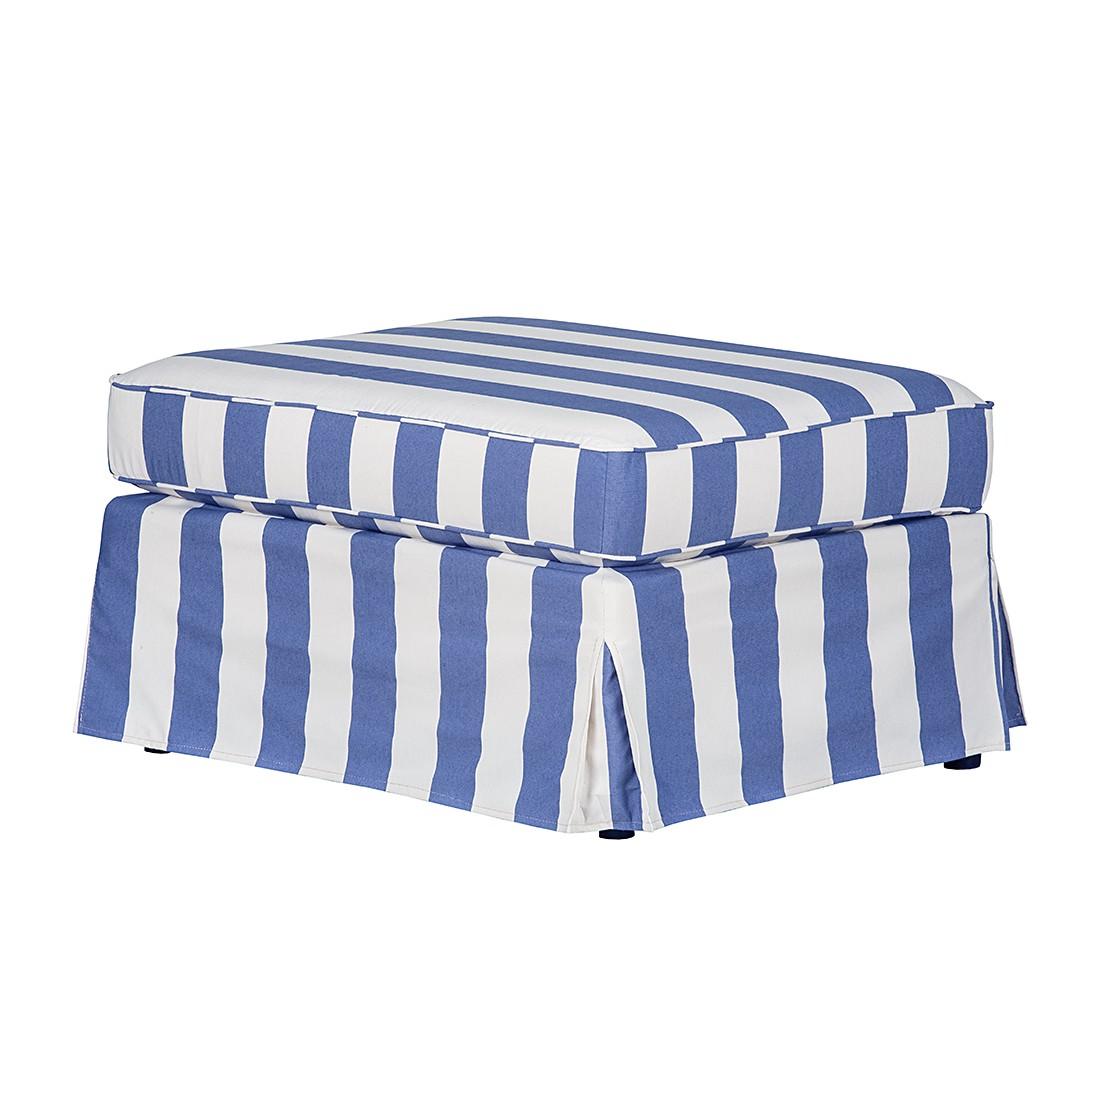 Hocker Louanne – Webstoff Blau gestreift, Jack & Alice jetzt kaufen